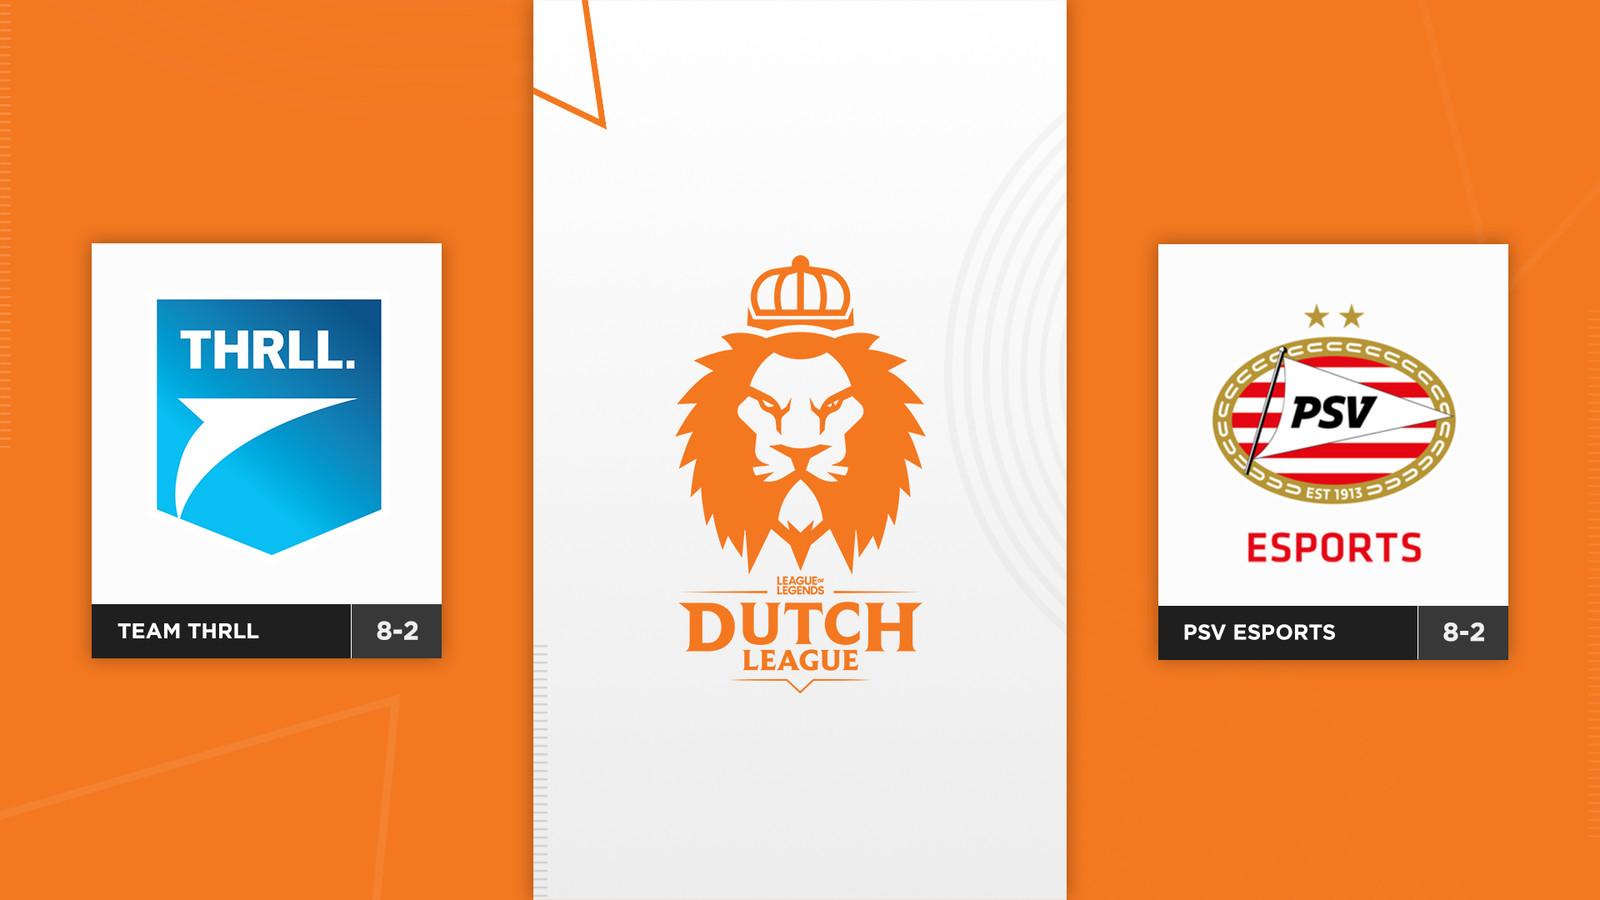 De play-offs van de Dutch League beginnen met Team THRLL tegen PSV Esports. De twee teams strijden om een plek in de finale.